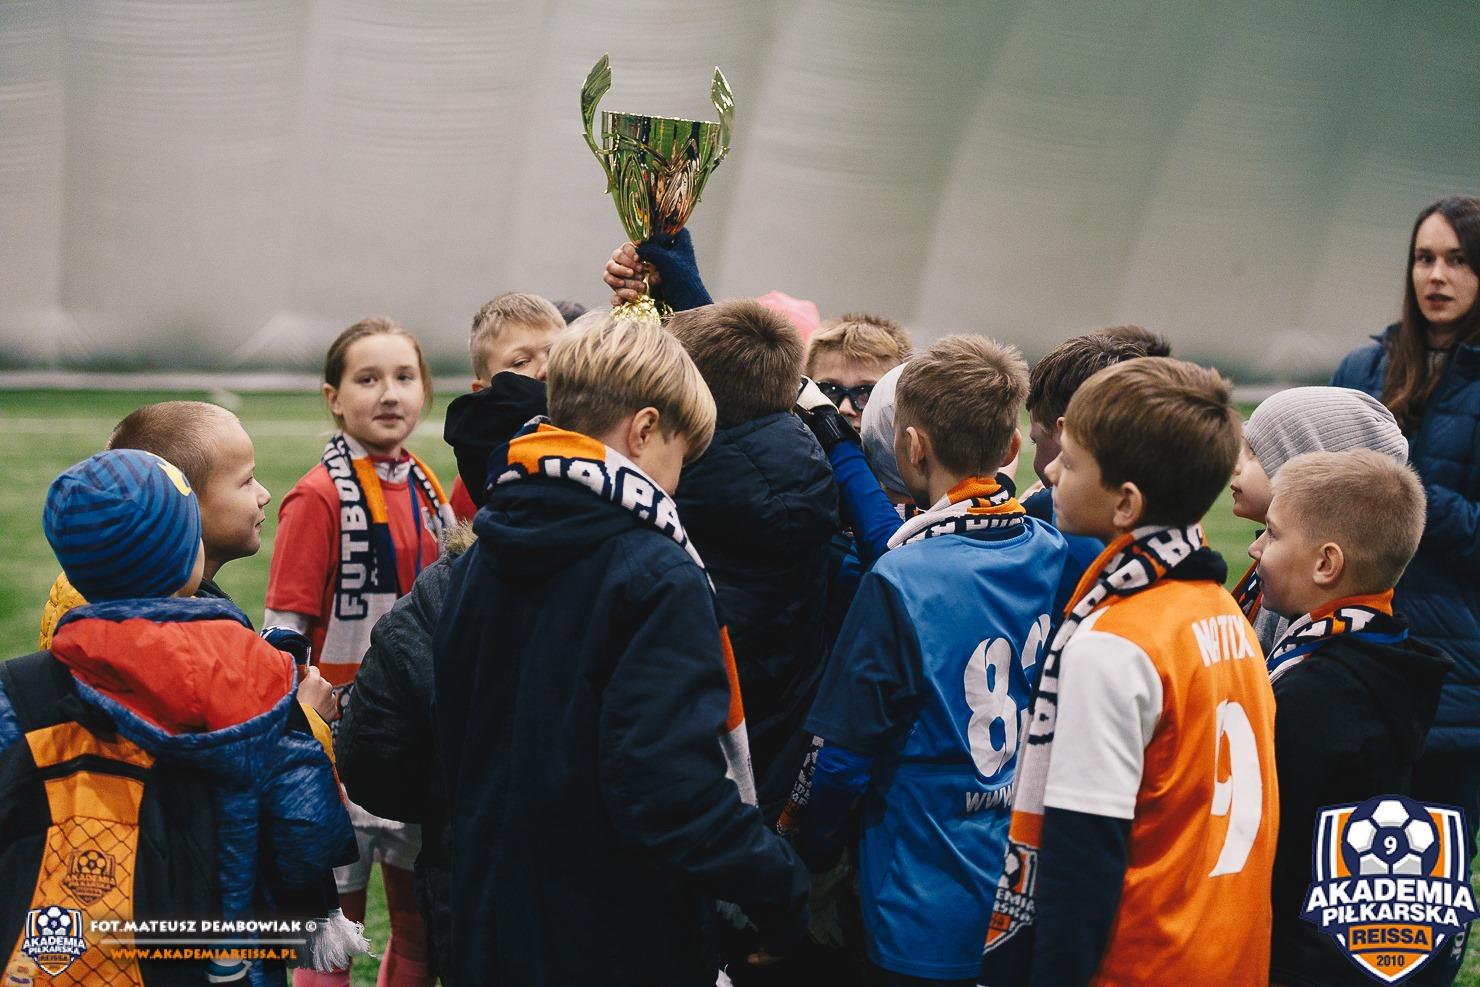 Na zdjęciu zawodnicy turnieju Reiss Cup ustawieni wokół pucharu. Logotyp Akademii Reissa Fot Mateusz Dembowiak www.akademiareissa.pl